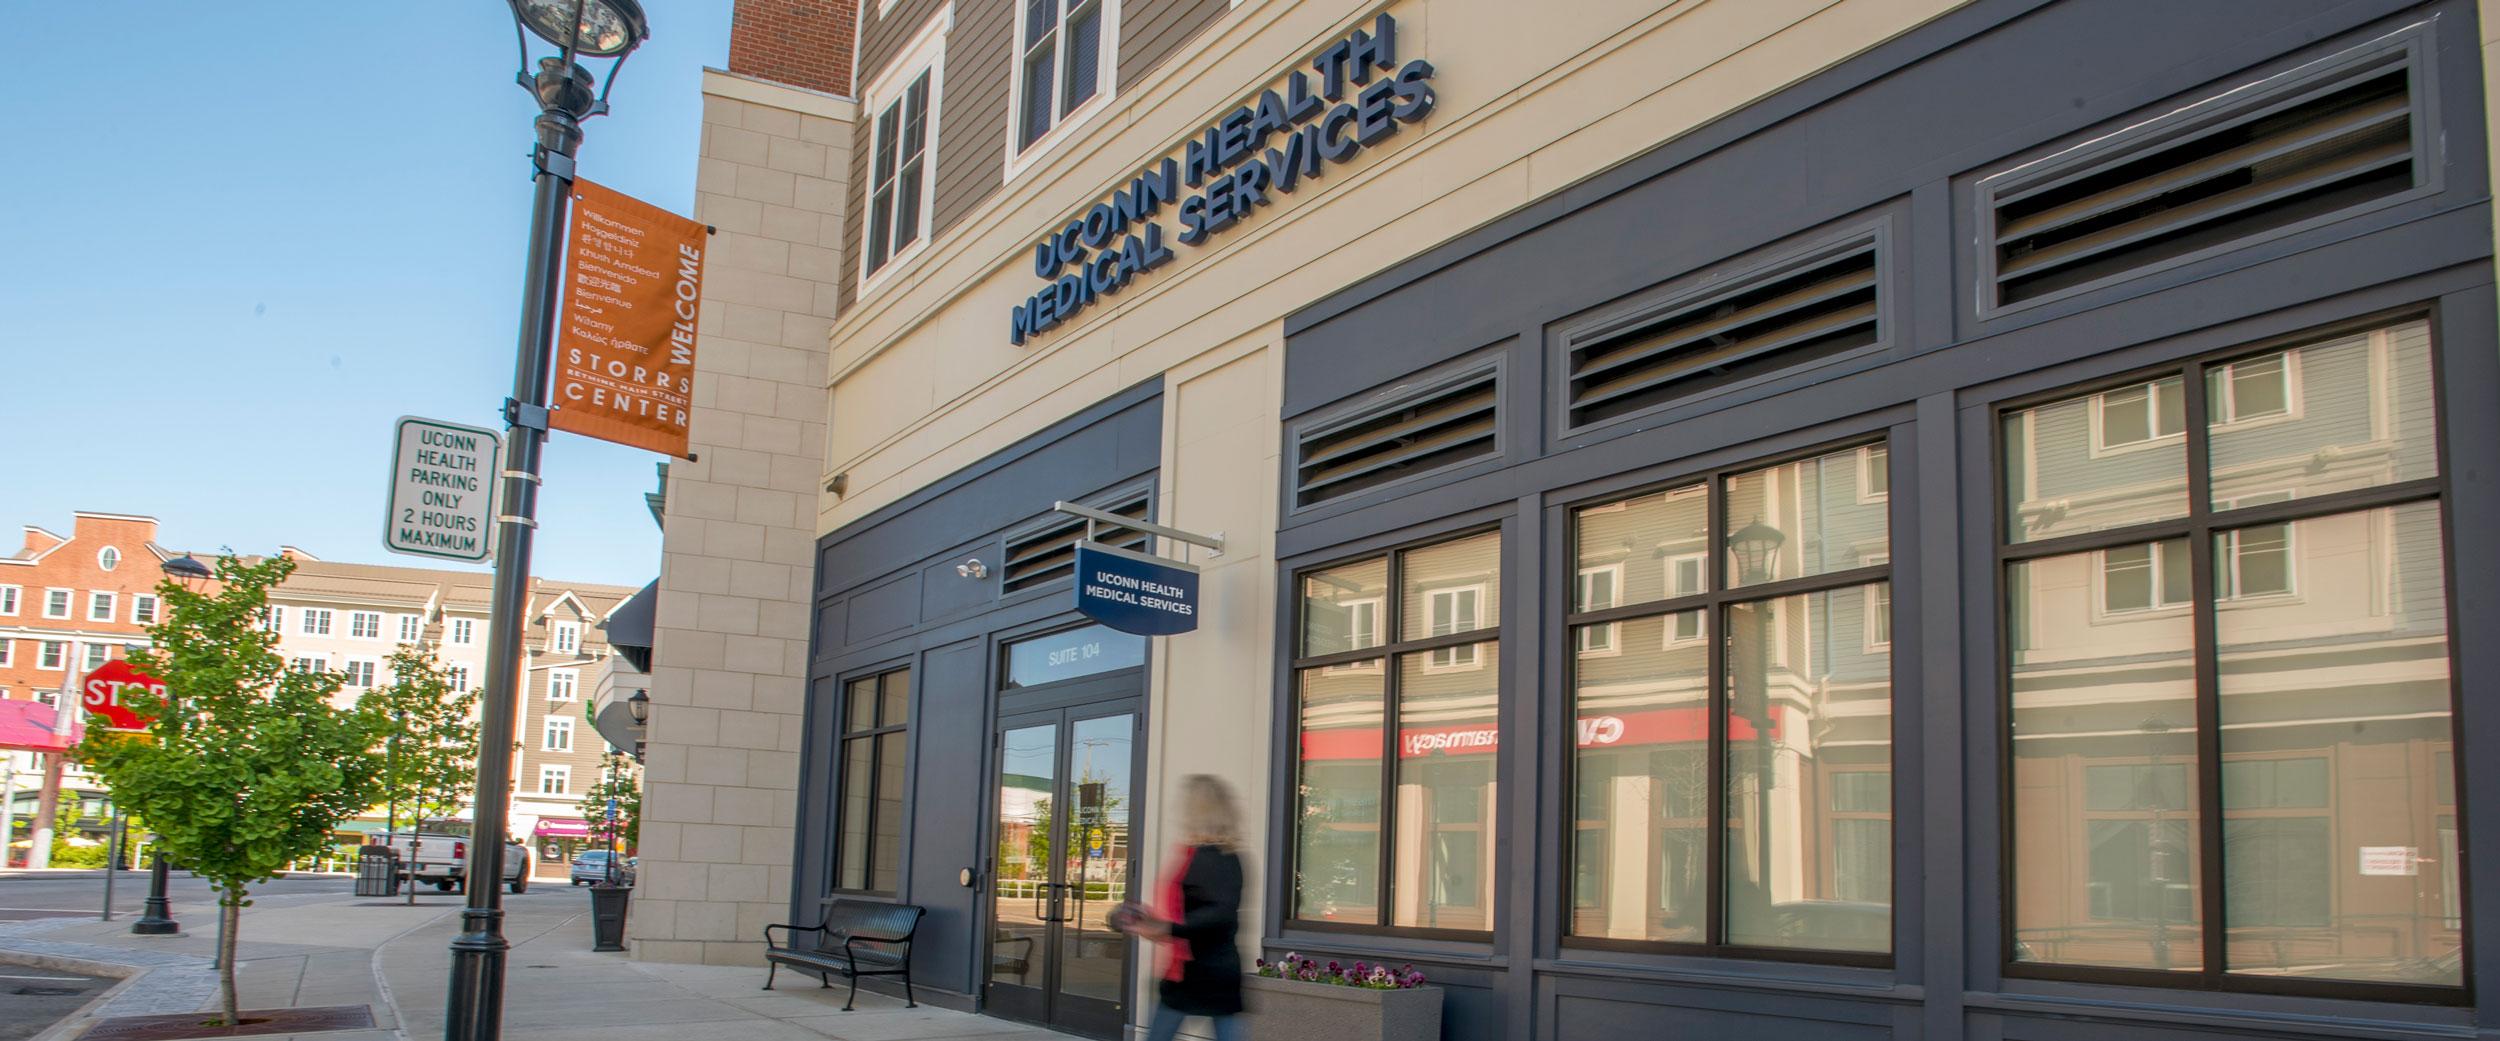 Storrs Center office